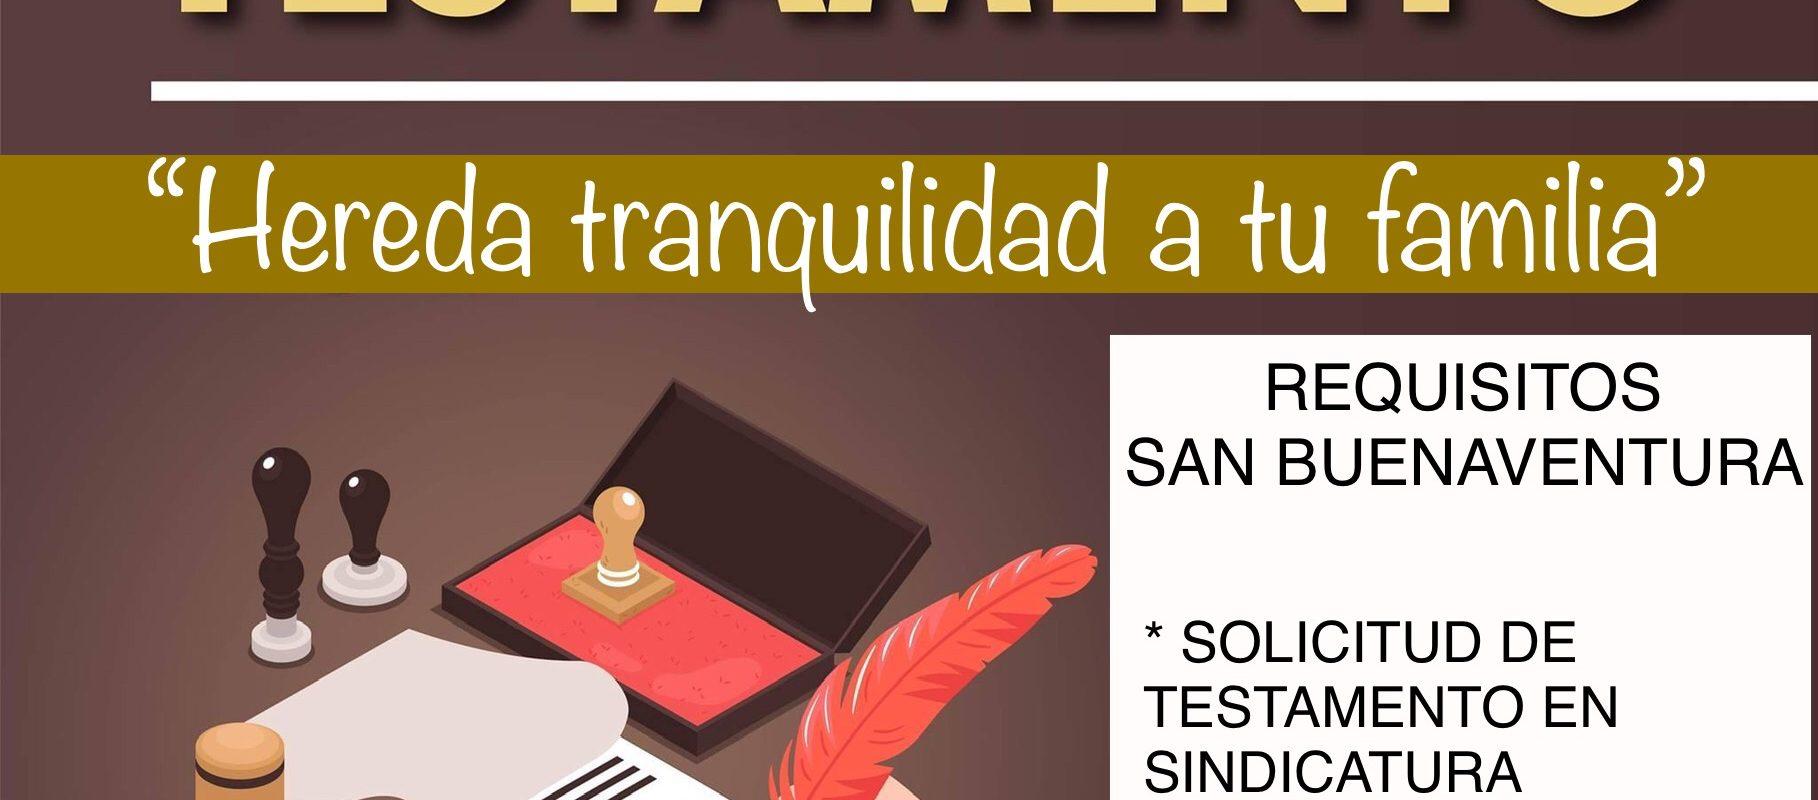 Exhorta el Ayuntamiento de San Buenaventura a tramitar testamento